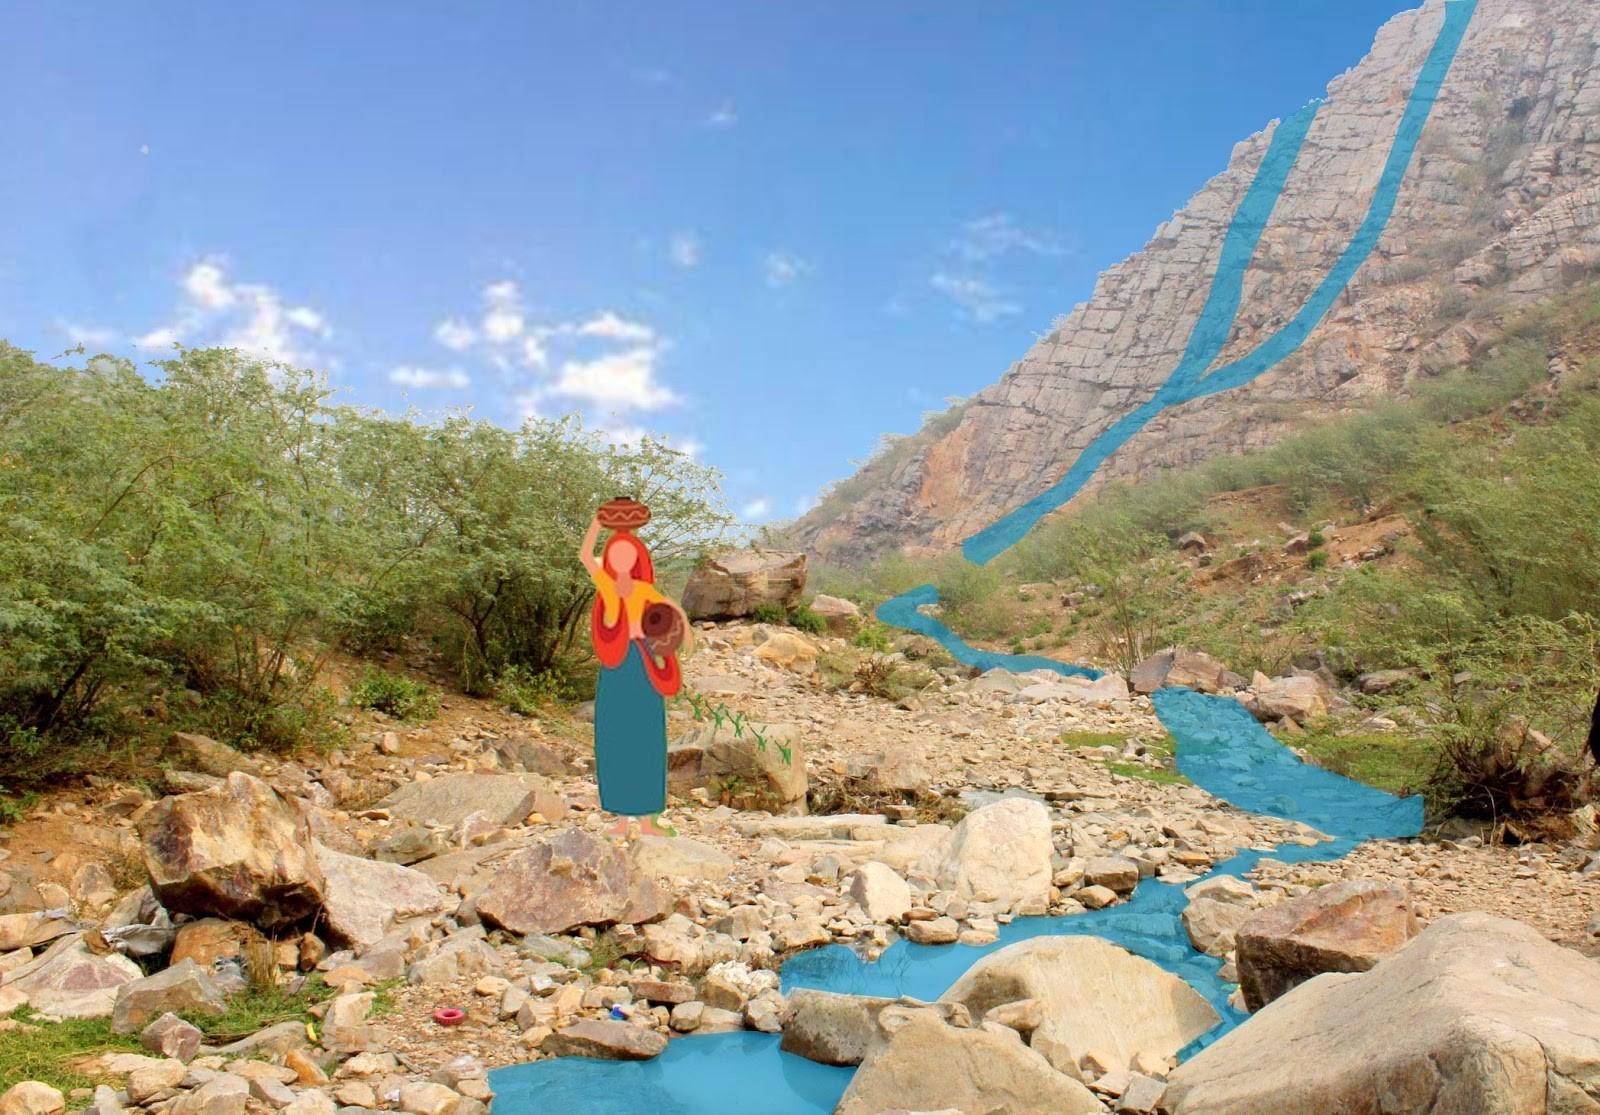 rajasthan river water scarcity perennial water yusra ansari